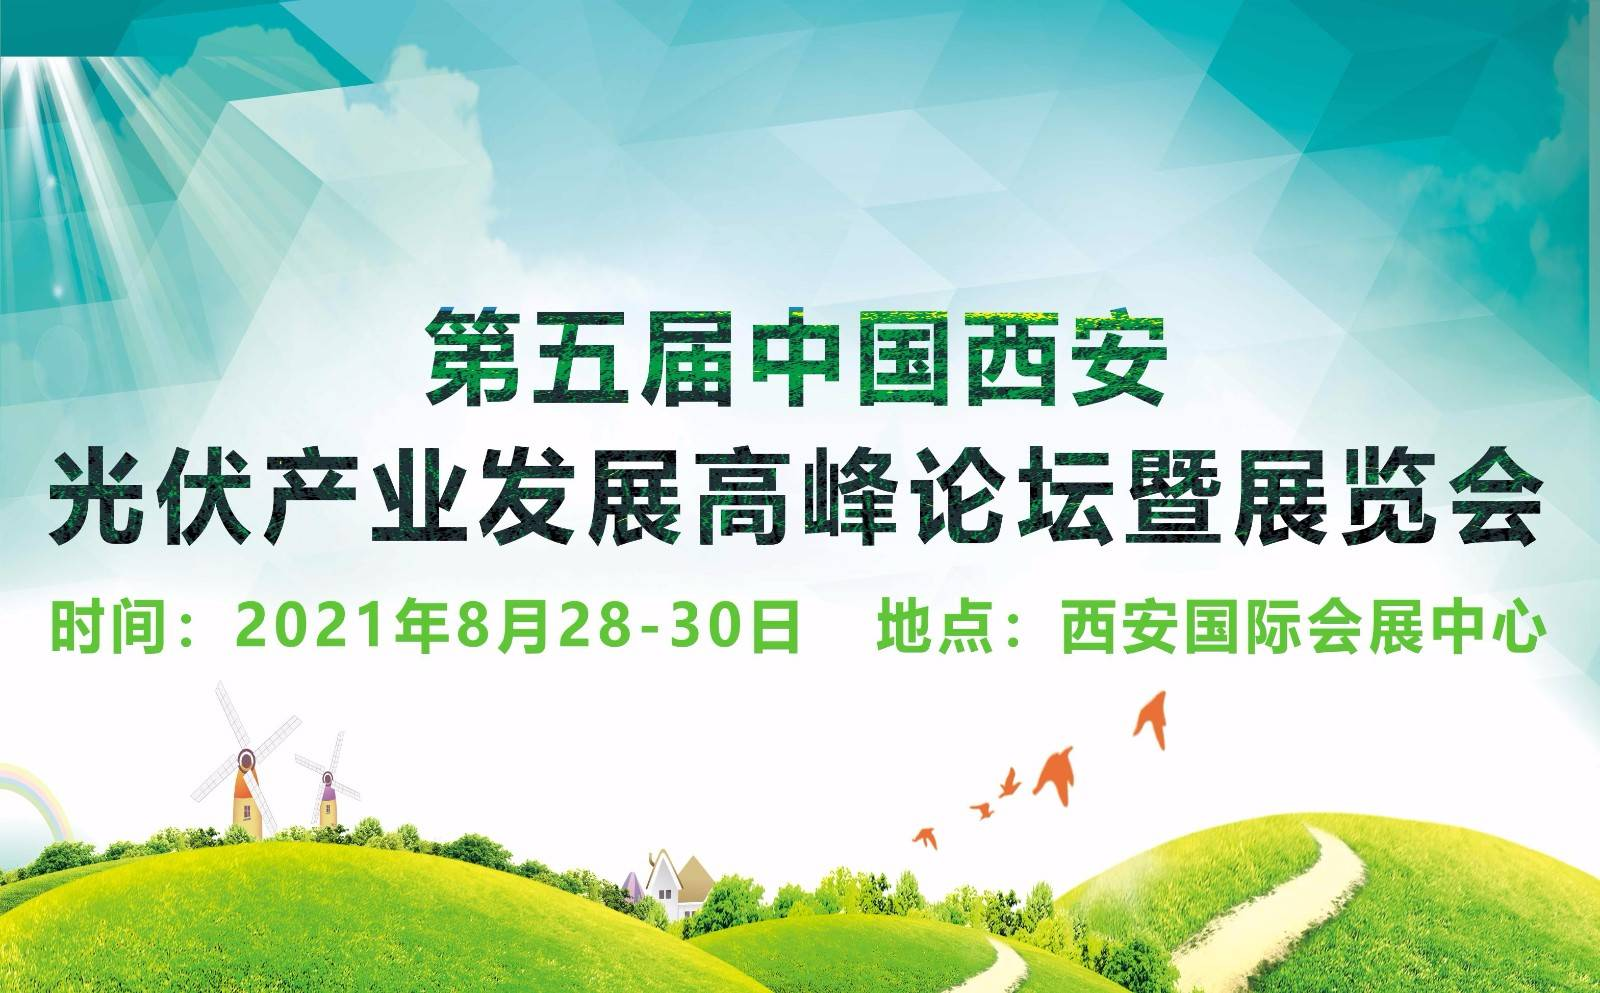 2021第五届中国(西安)光伏产业发展 高峰论坛暨展览会